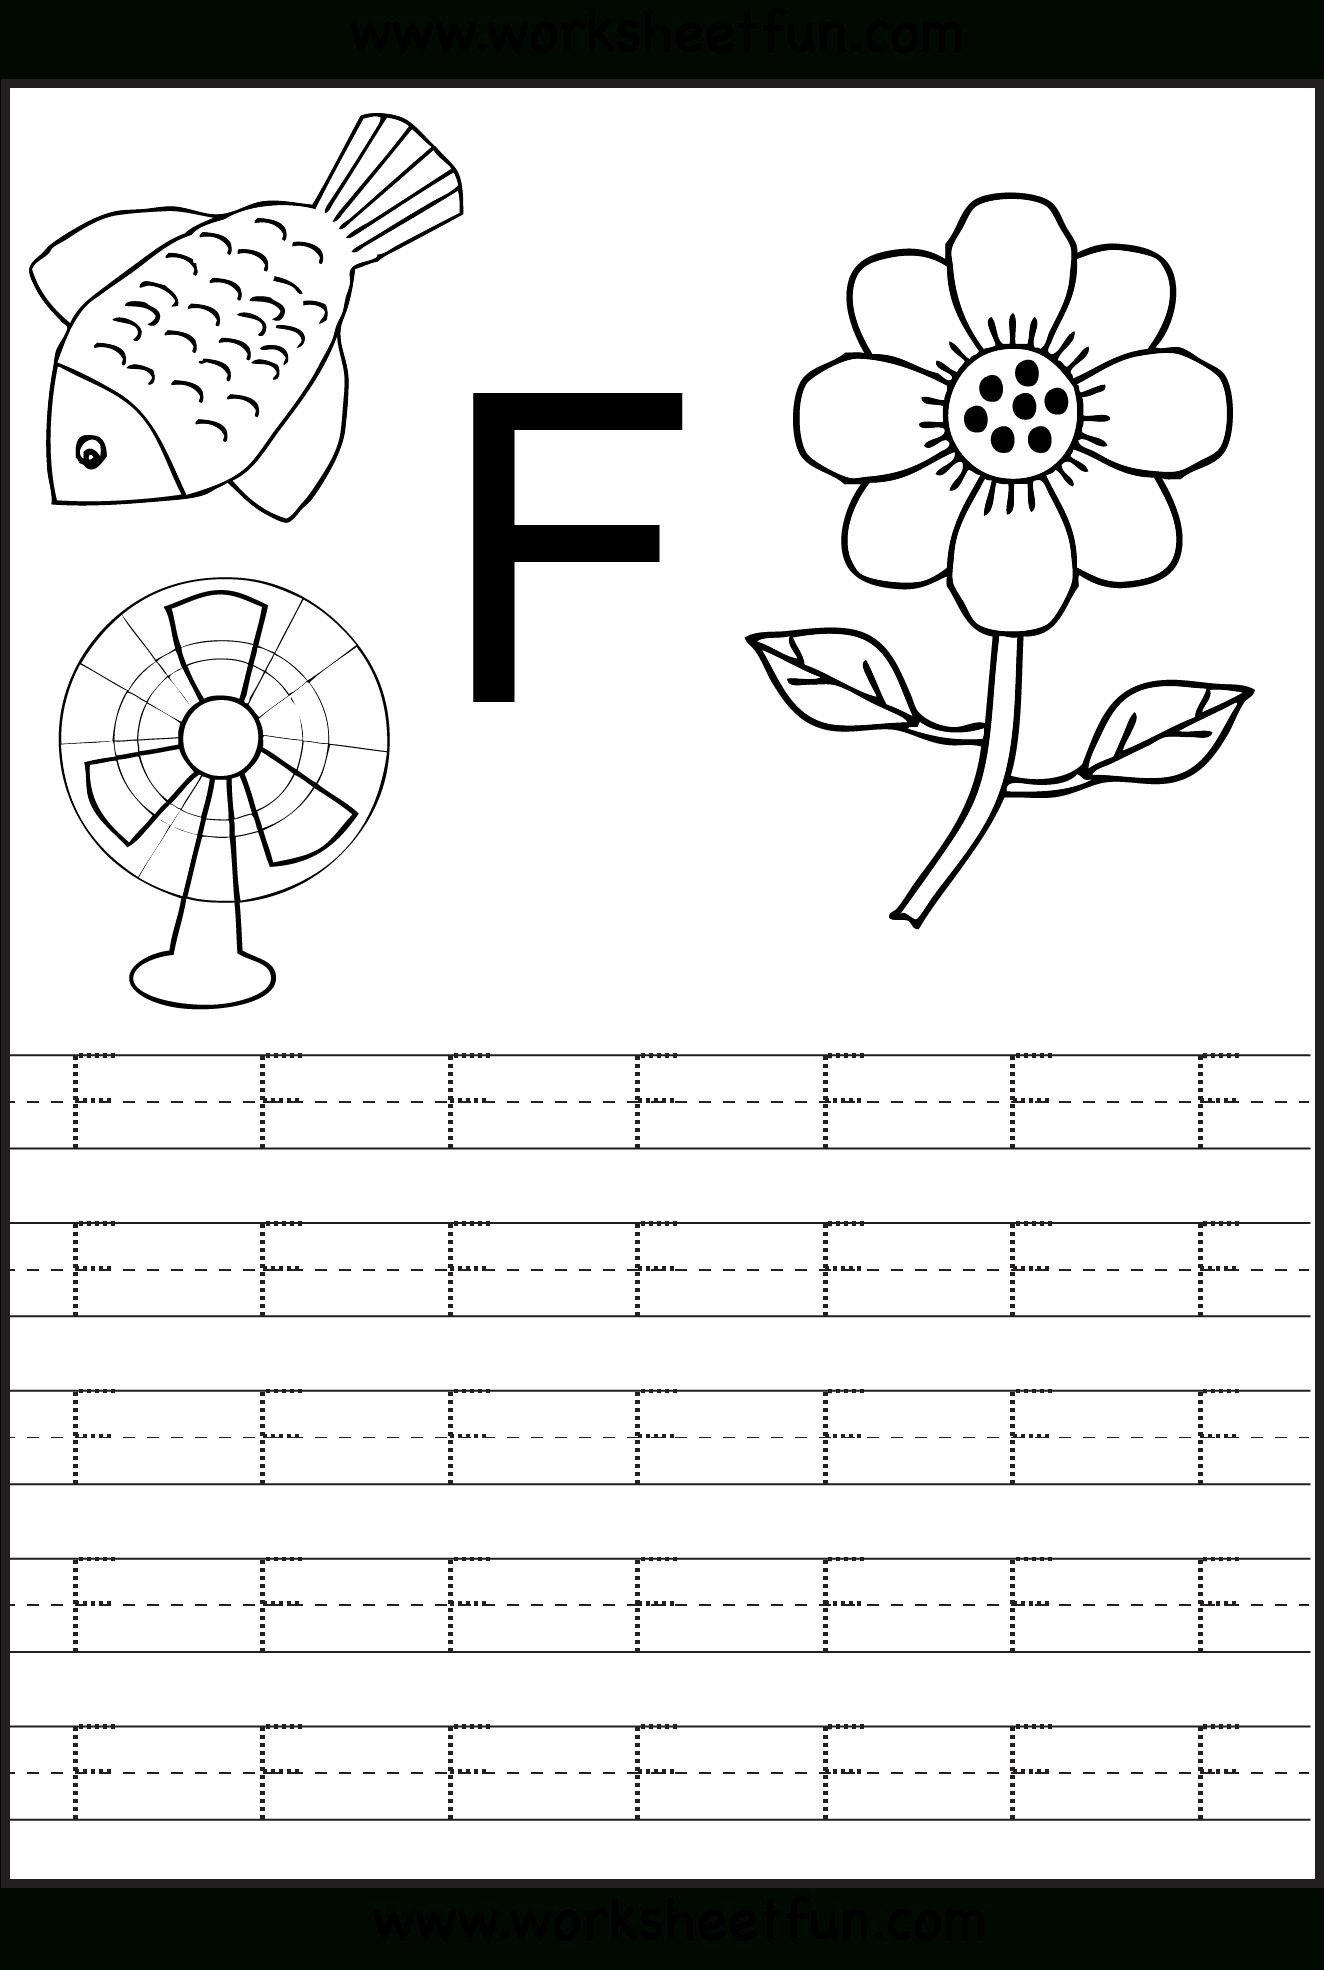 Letter F Worksheets | H3Dwallpapers - High Definition Free in Letter F Worksheets Free